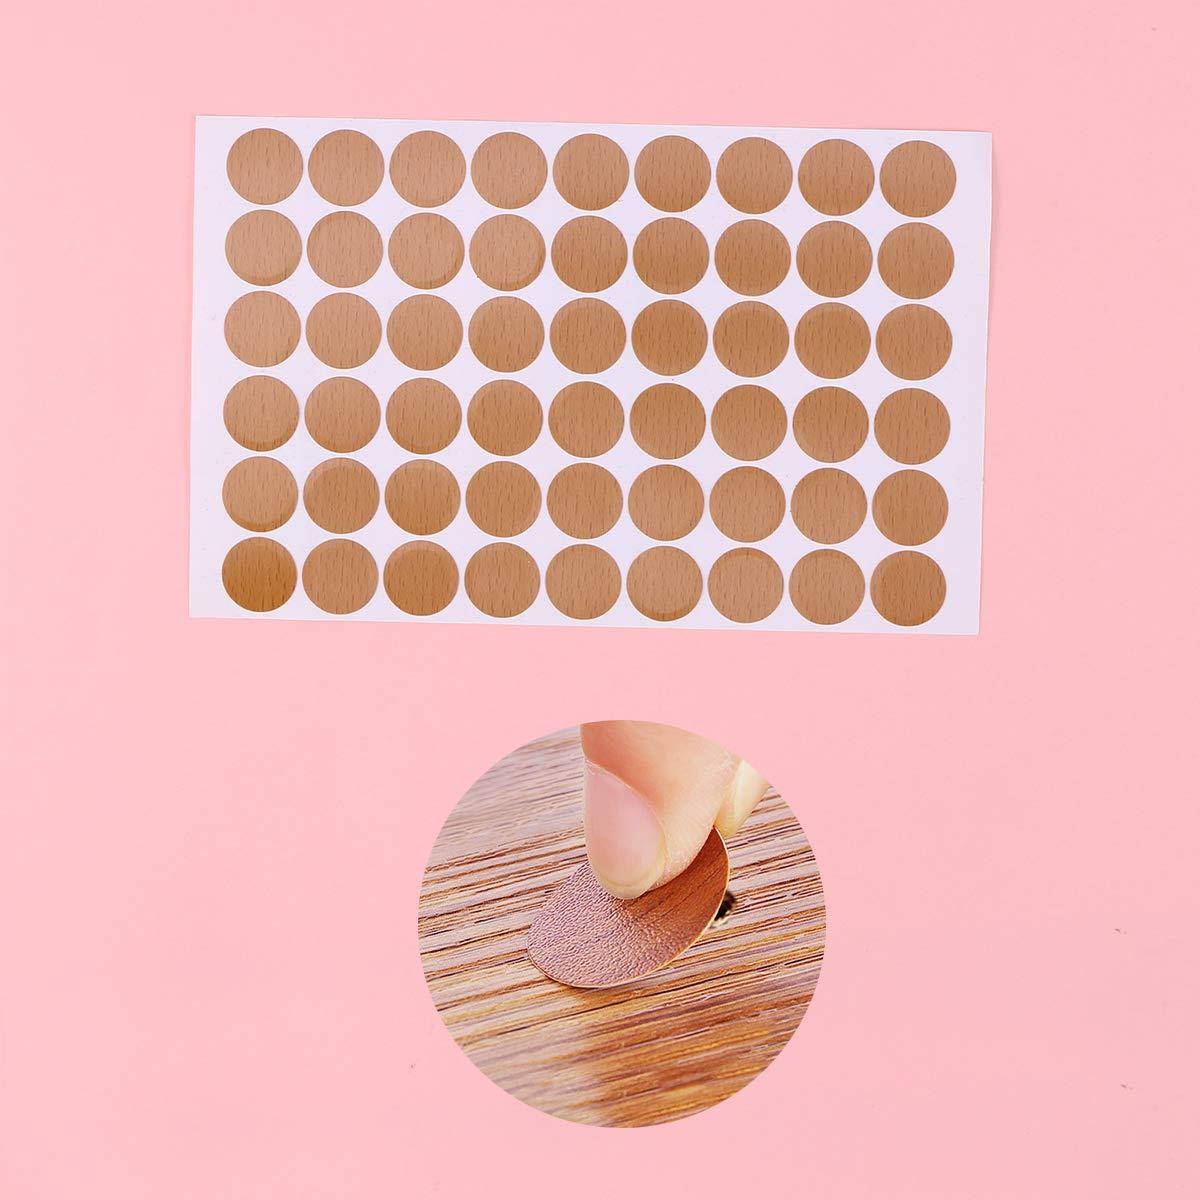 Yardwe La Cubierta del Orificio del Tornillo del PVC 54pcs Tapa la Etiqueta autoadhesiva del Agujero del Tornillo para los Muebles de Oficina en casa